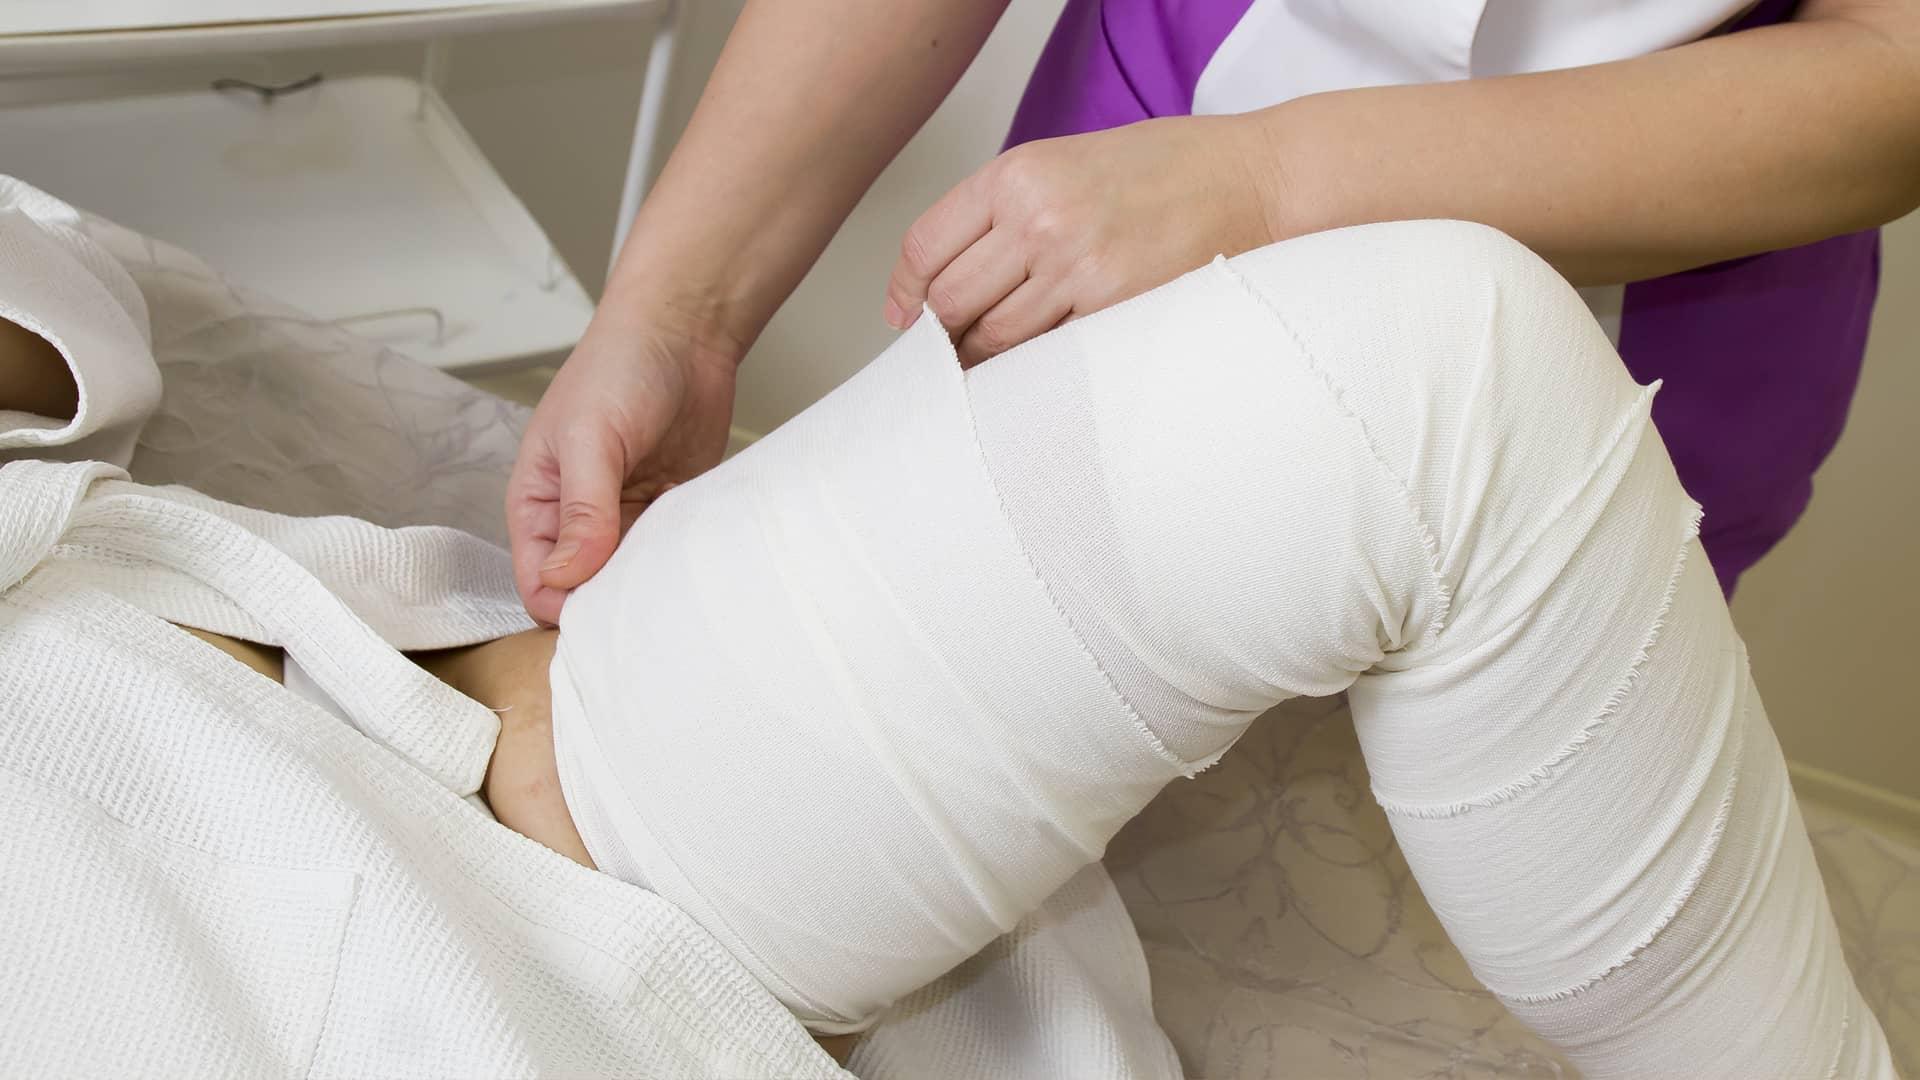 Бандажное обертывание — как провести процедуру в домашних условиях